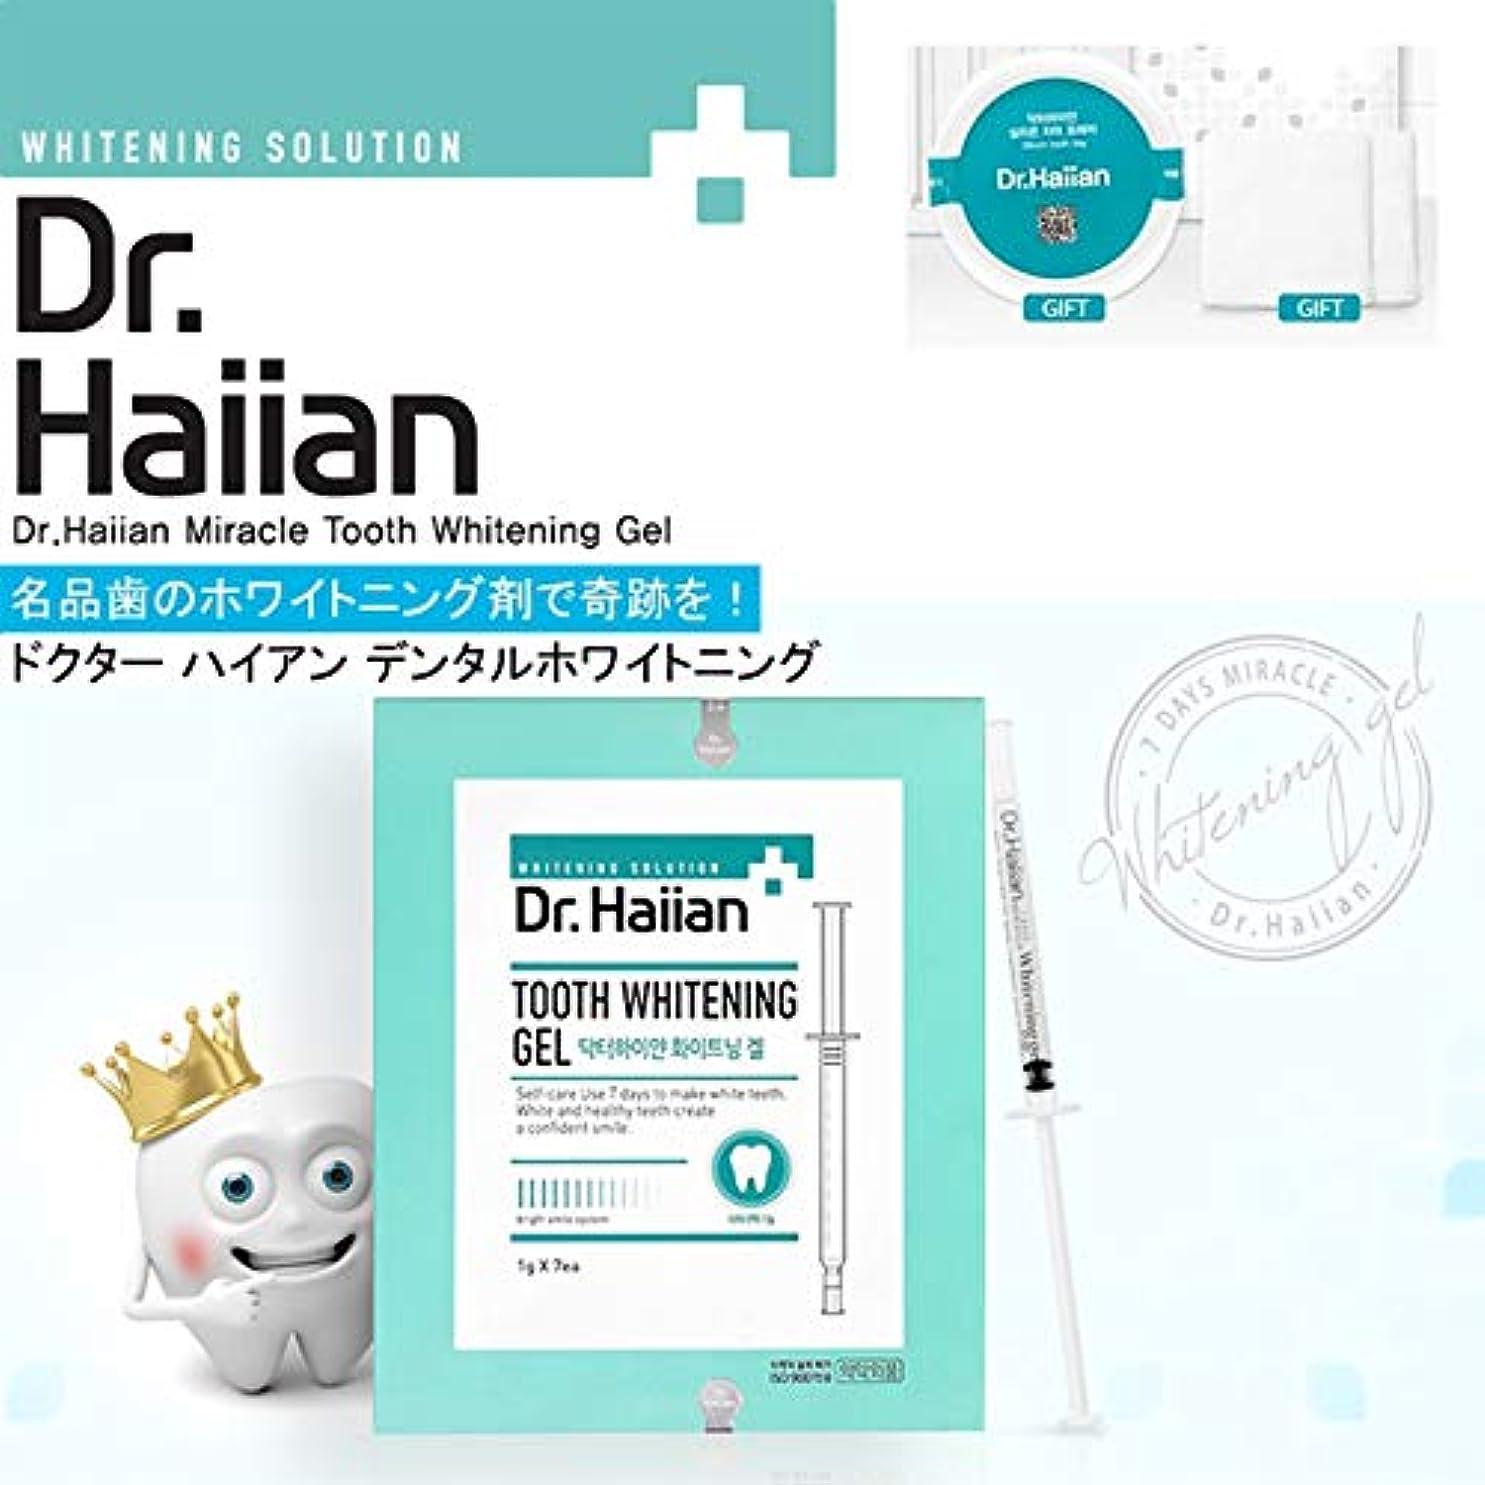 ニュース終了するチキン[SAMSUNG PHARM]Dr.Haiian 7Days Miracle/7日間の奇跡 [SAMSUNG PHARM]白い歯を管理するための/使ったら歯が白くなる!/Self-Teeth Whitening Agent...